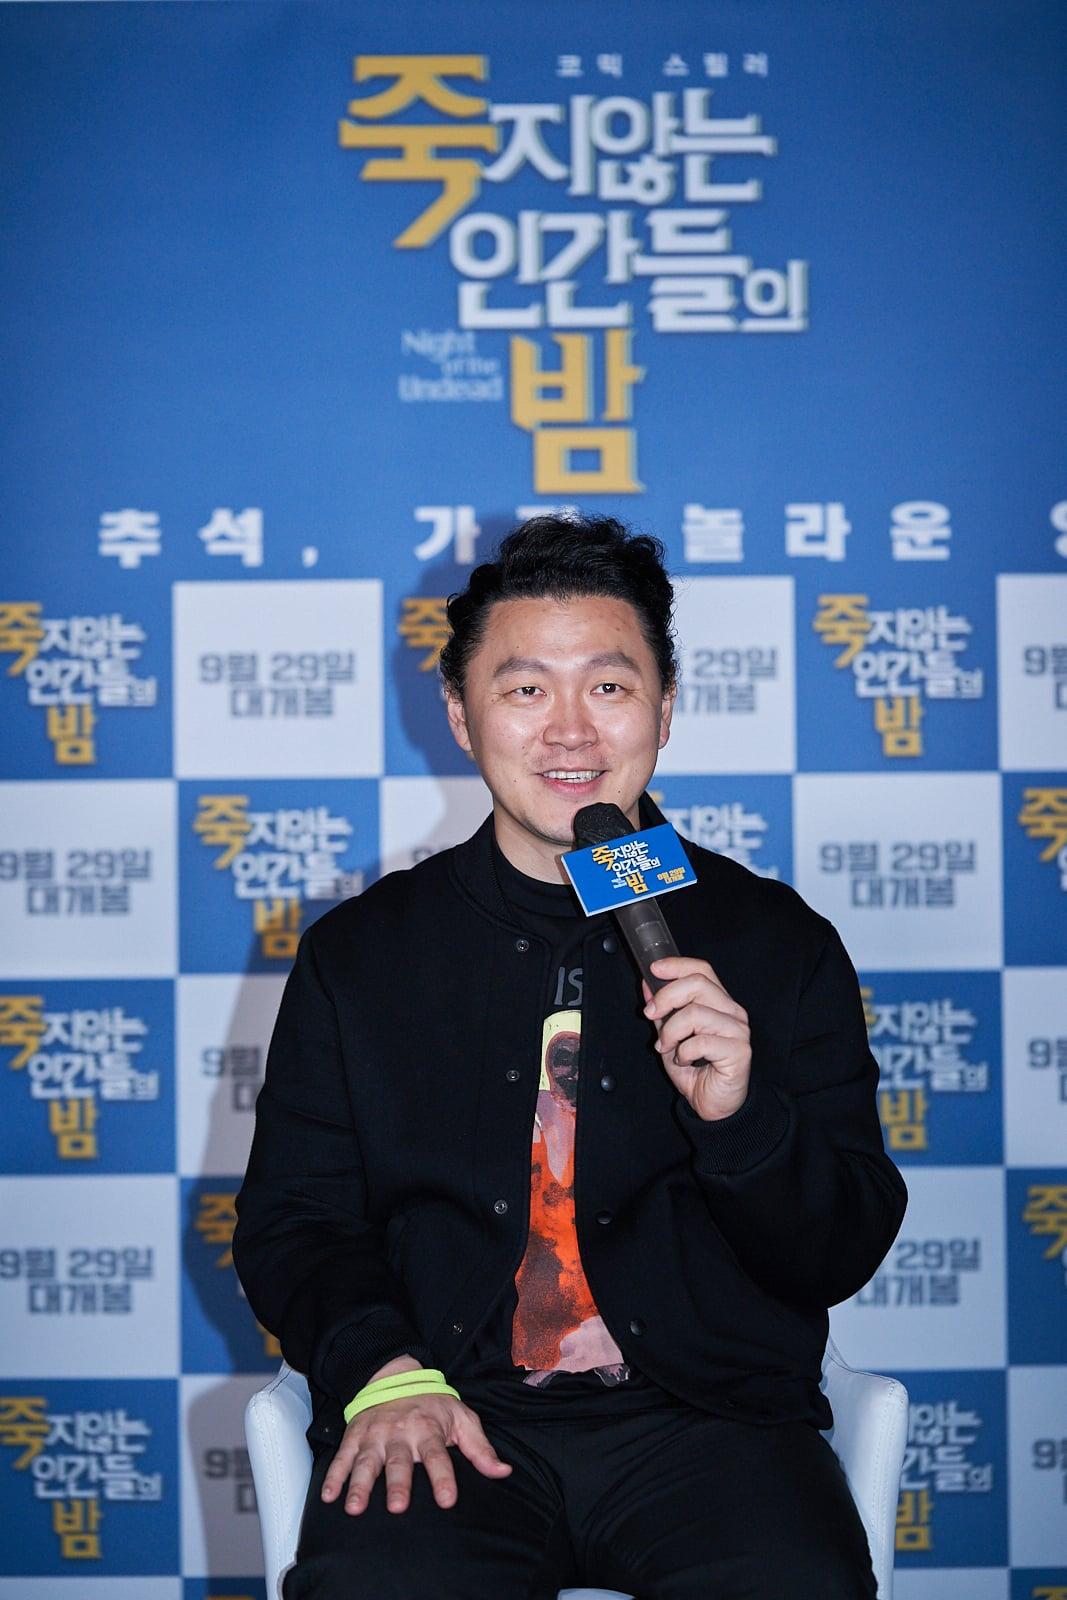 배우 양동근. 사진 TCO(주)더콘텐츠온